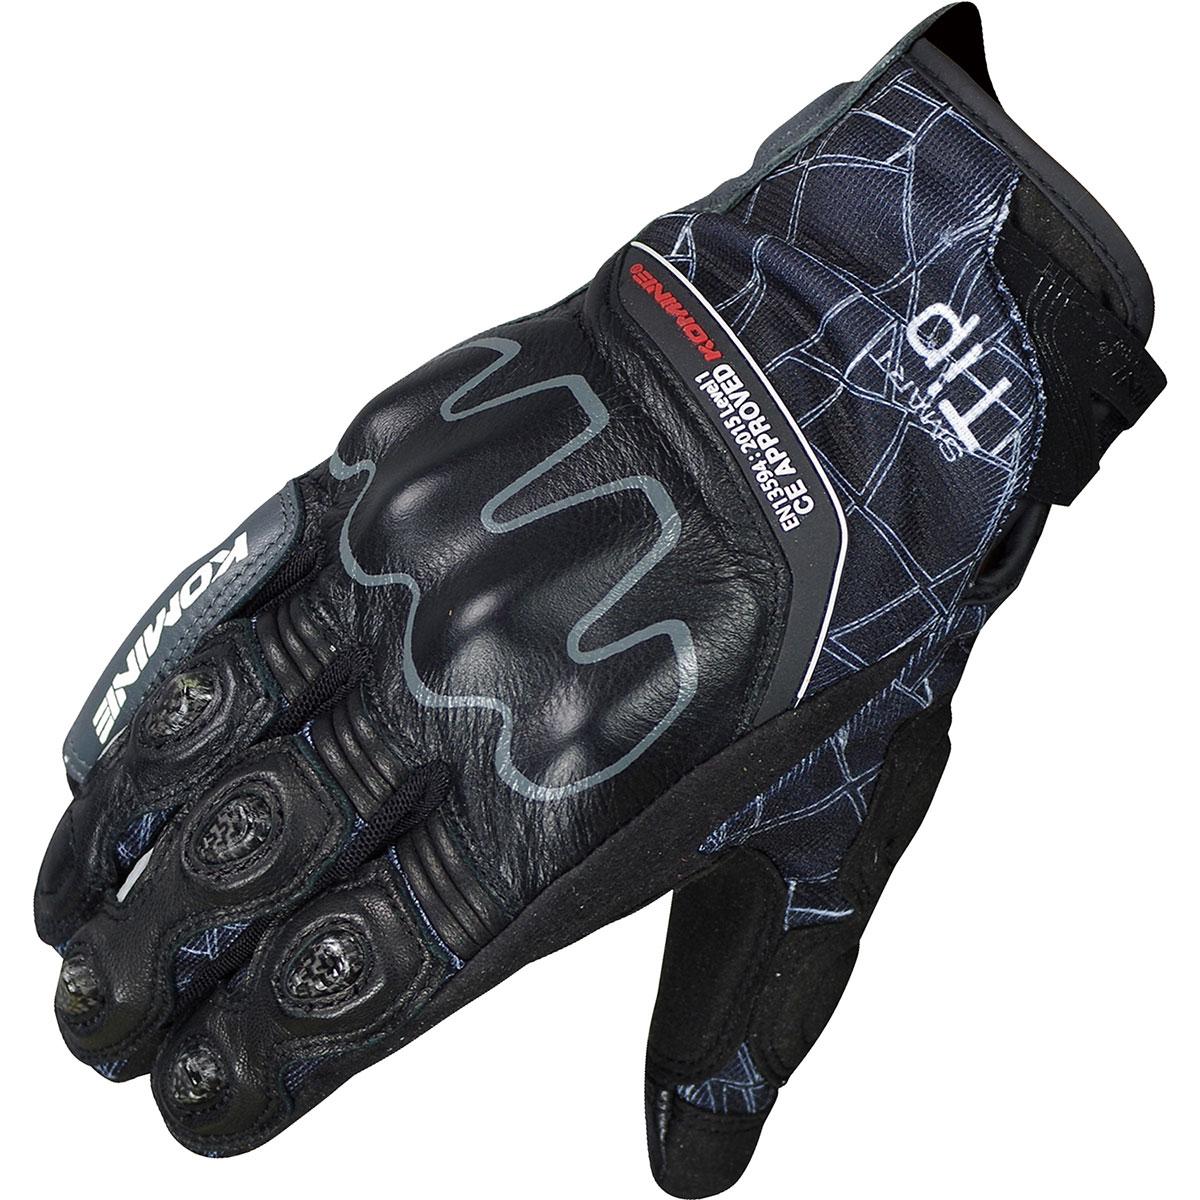 コミネ (Komine) バイク用 グローブ Gloves GK-190 CE ハイプロテクトメッシュグローブ-クロウド ブラック 黒 XLサイズ 06-190/BK/XL